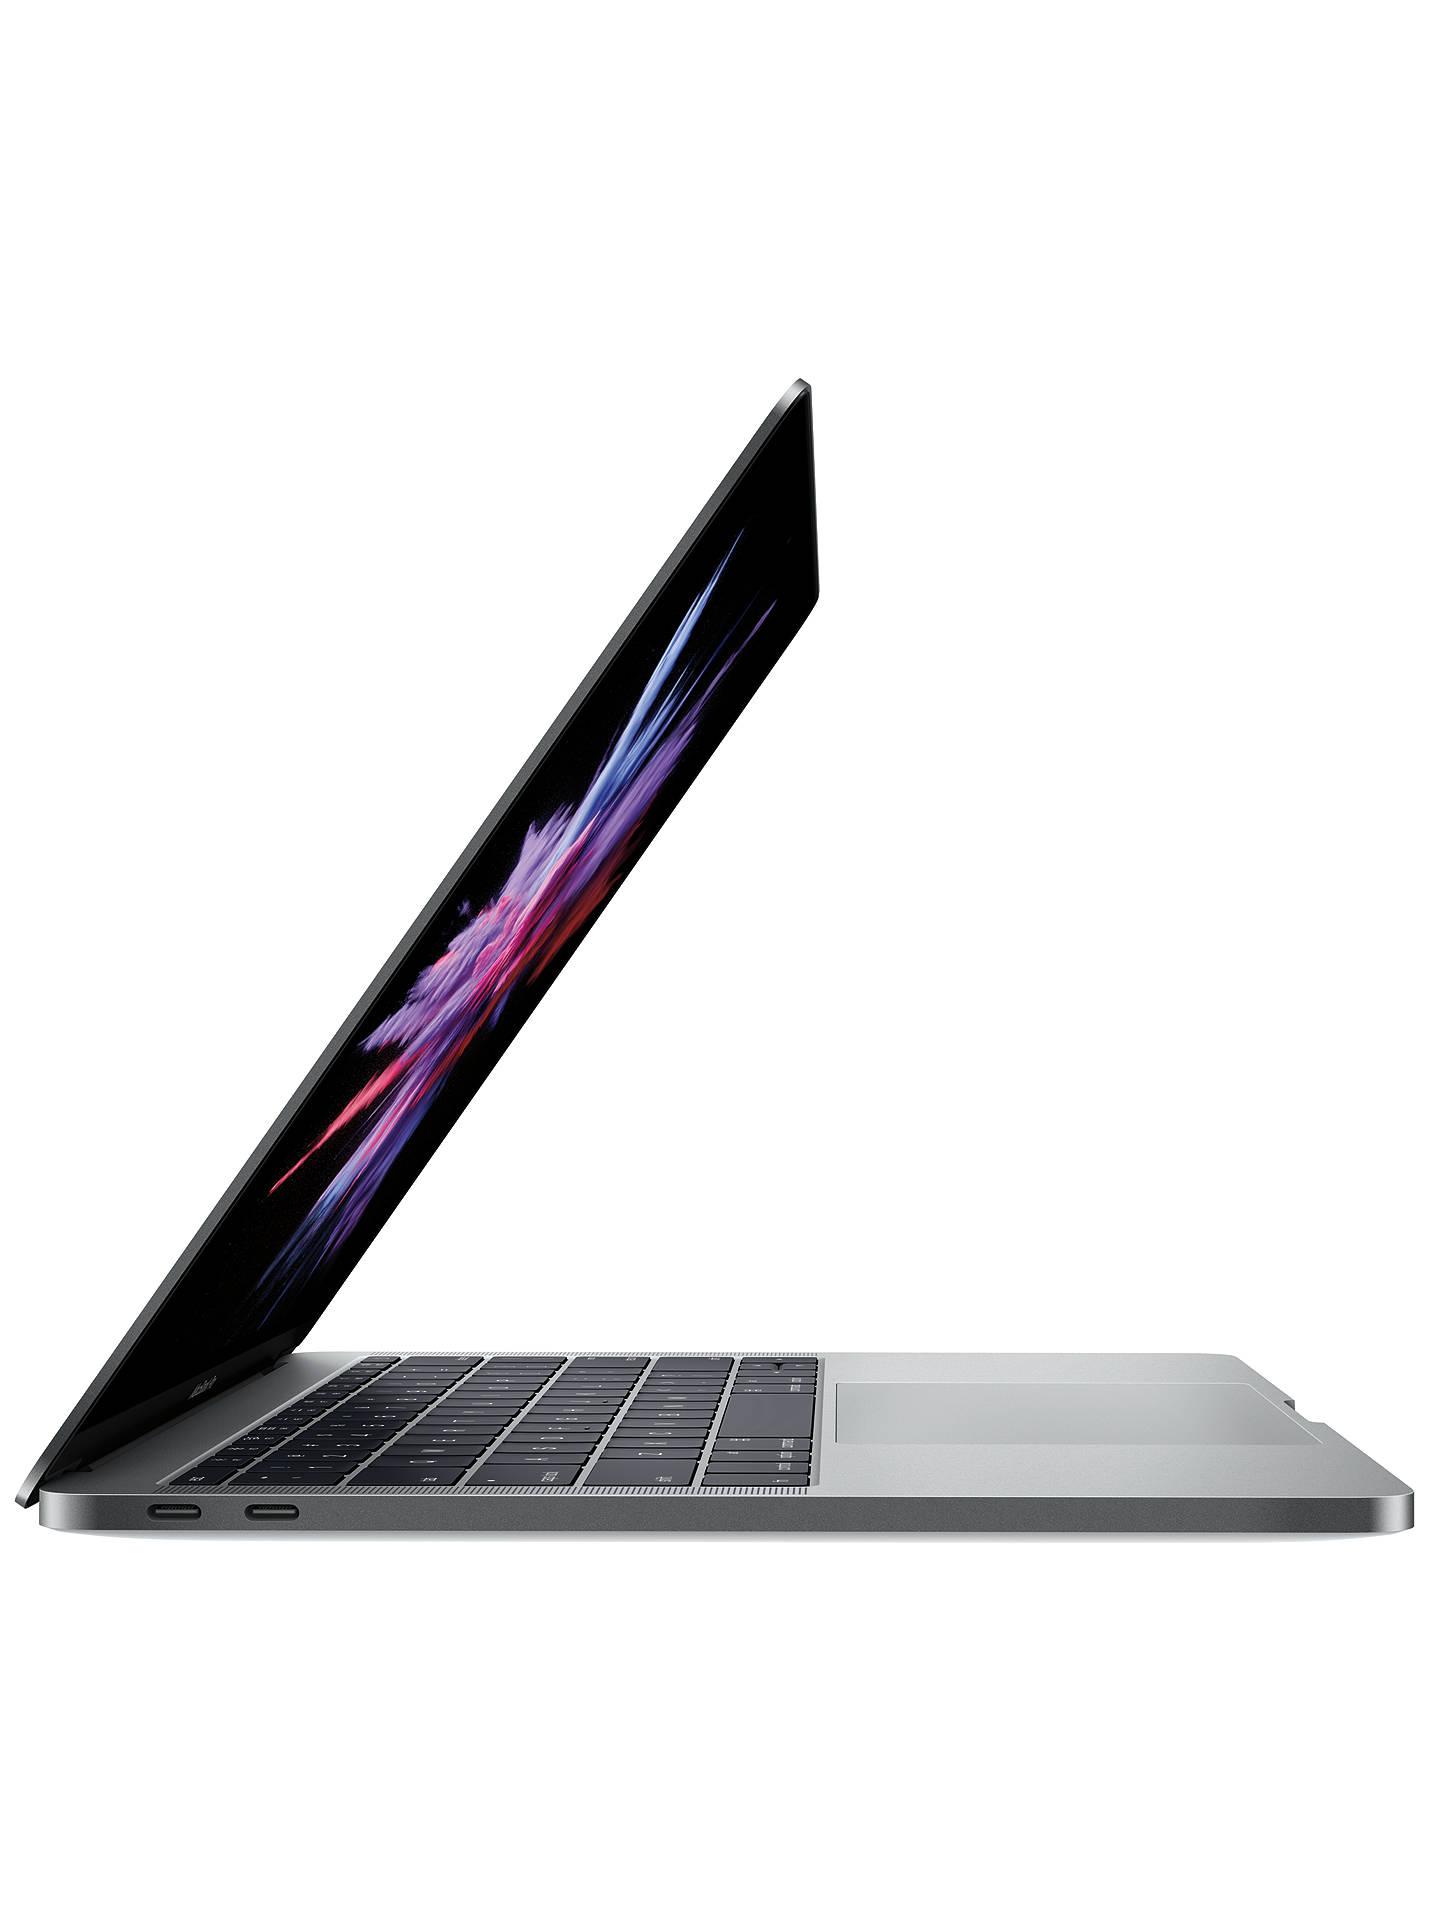 2017 Apple MacBook Pro 13